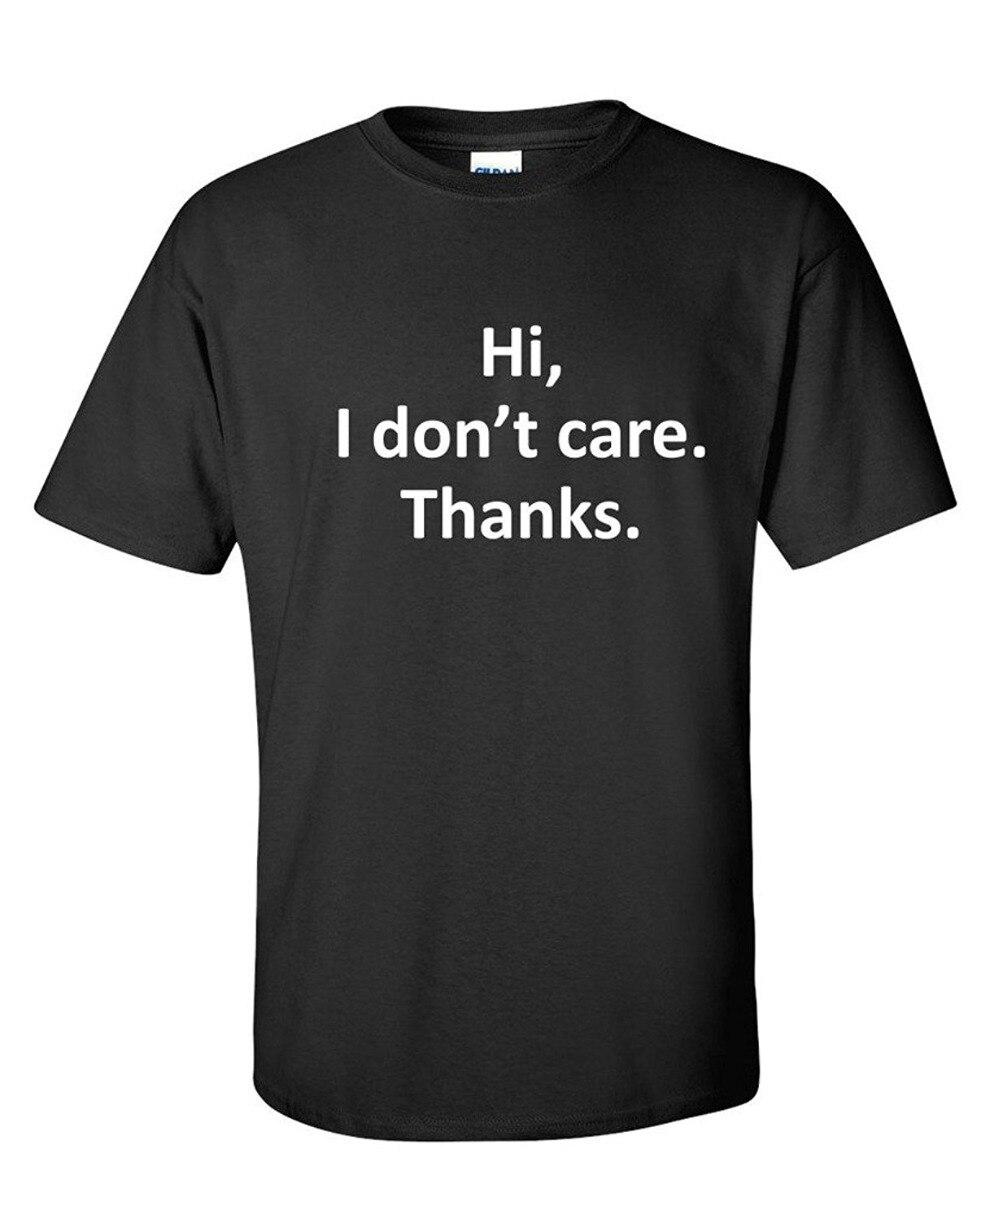 Новый бренд одежды мужчины футболка Hi I Dont Care спасибо сарказм Прохладный подарок утверждал графические очень Забавные футболки